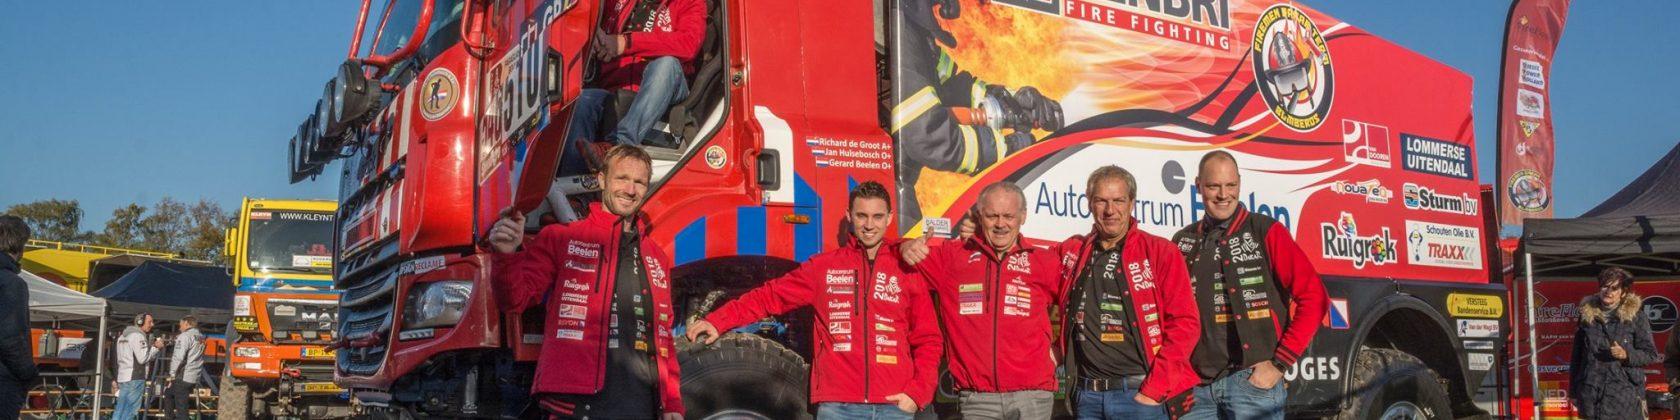 Firemen Dakarteam